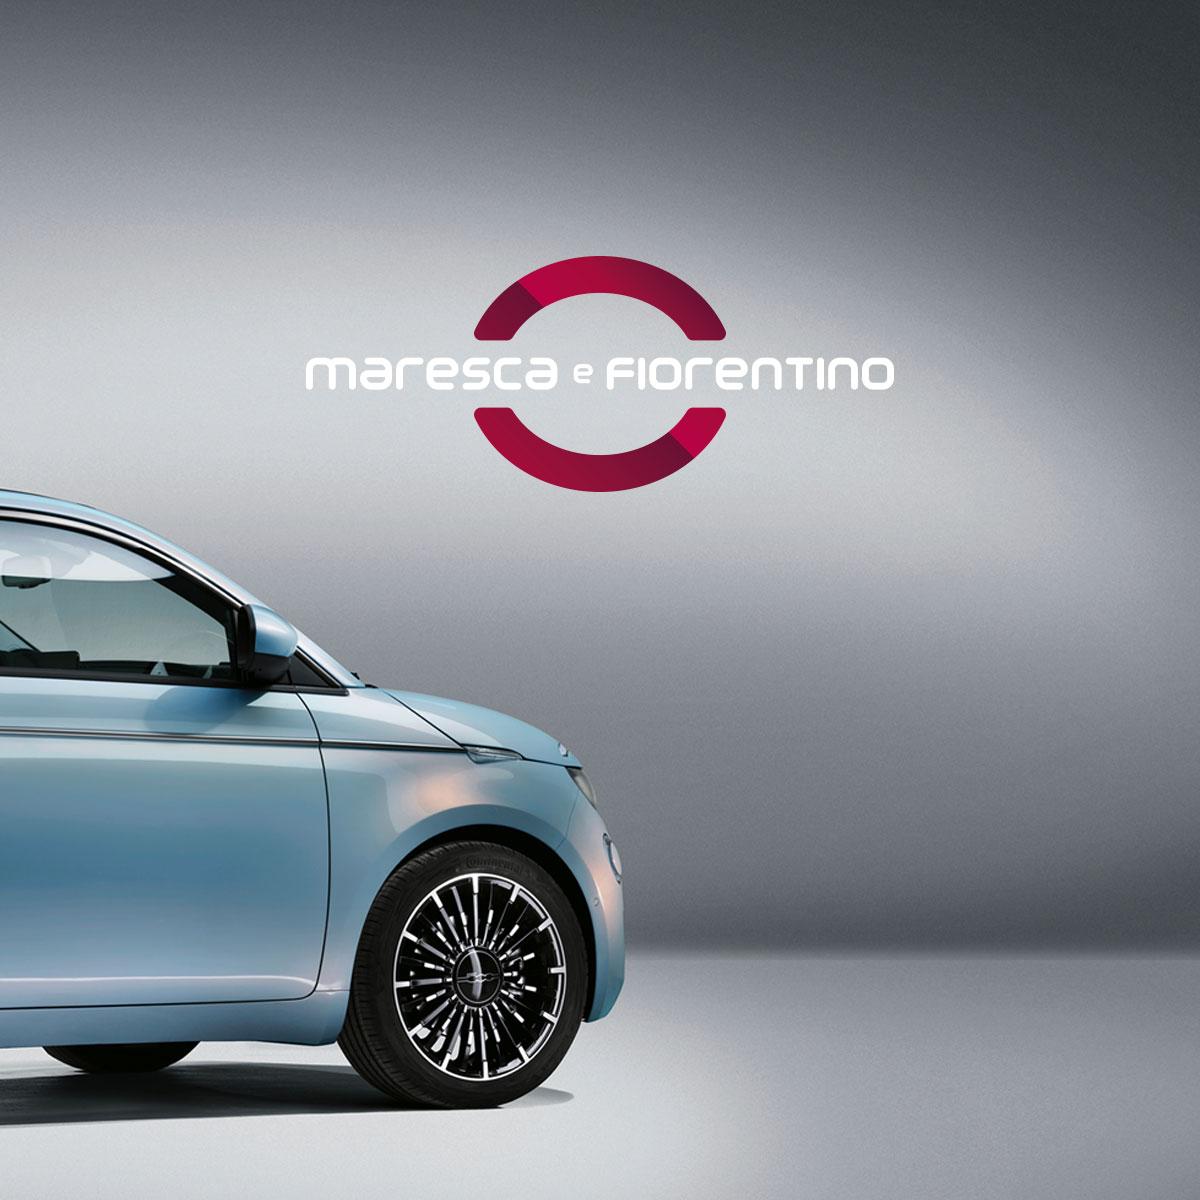 Maresca e Fiorentino Logo - Design Umberto Angelini